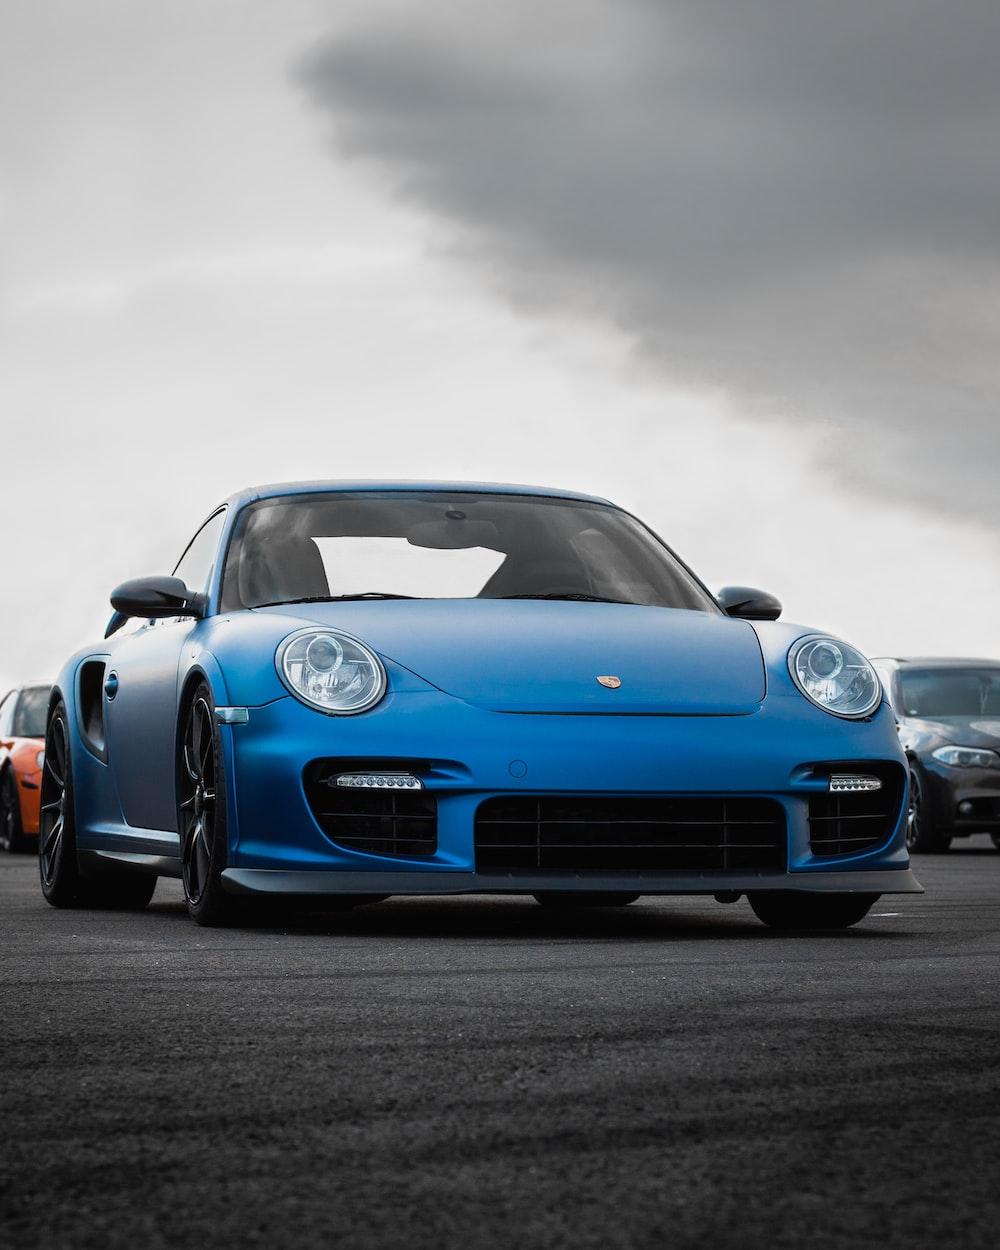 blue luxury car